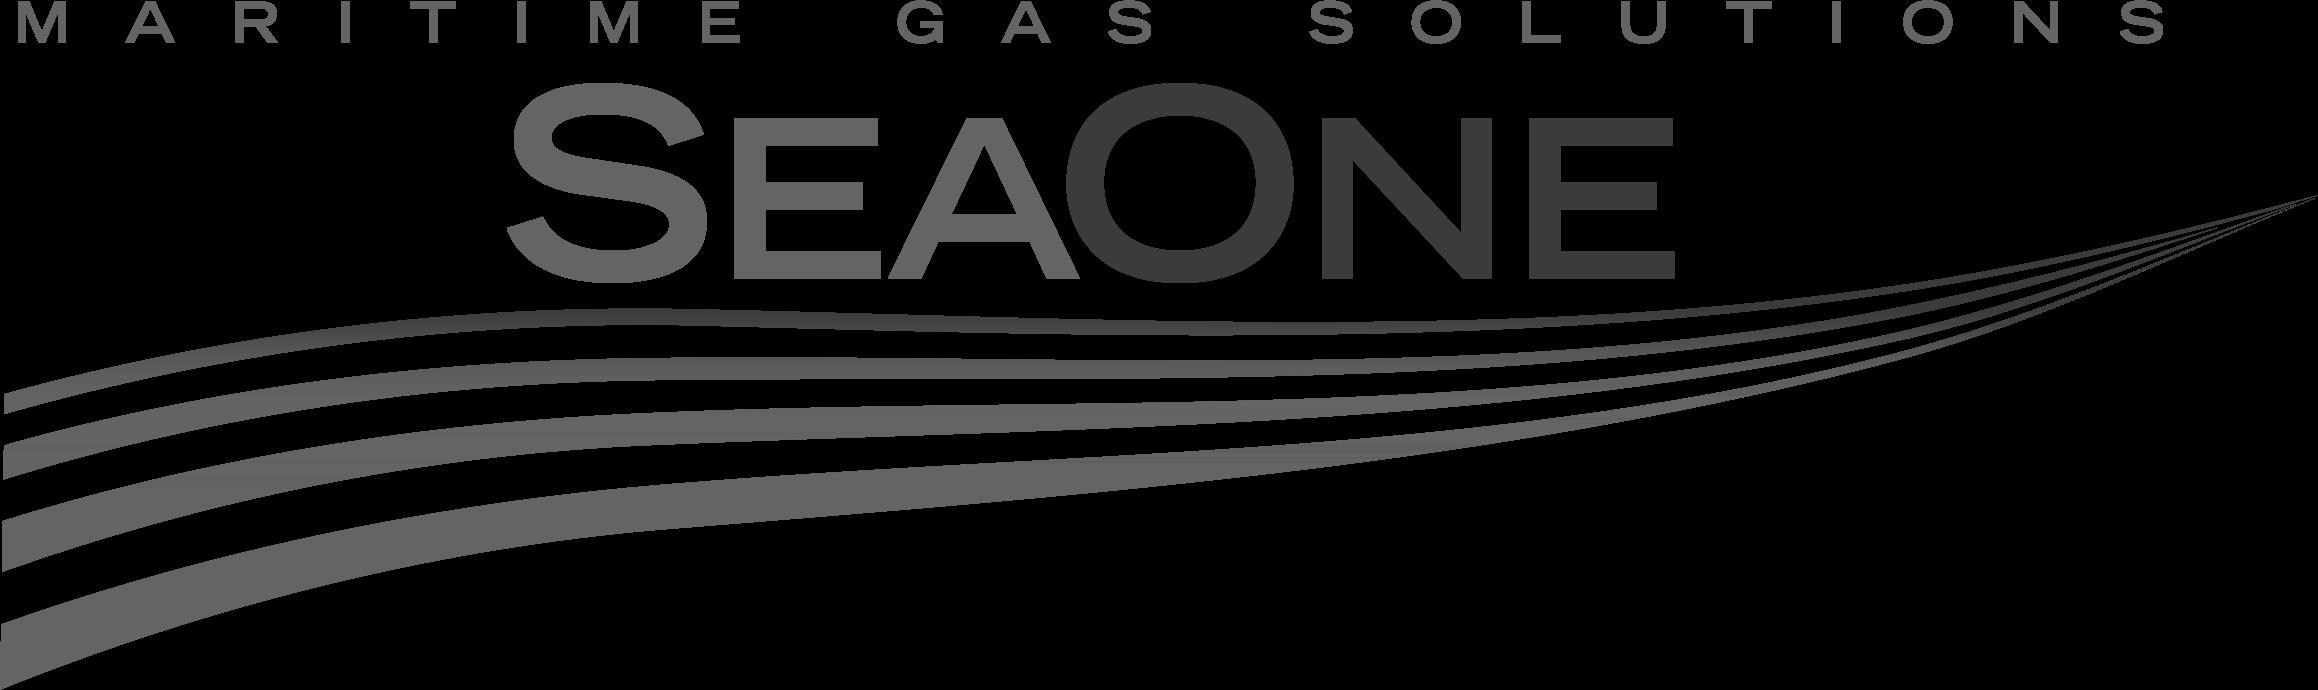 SeaOne-logo.png